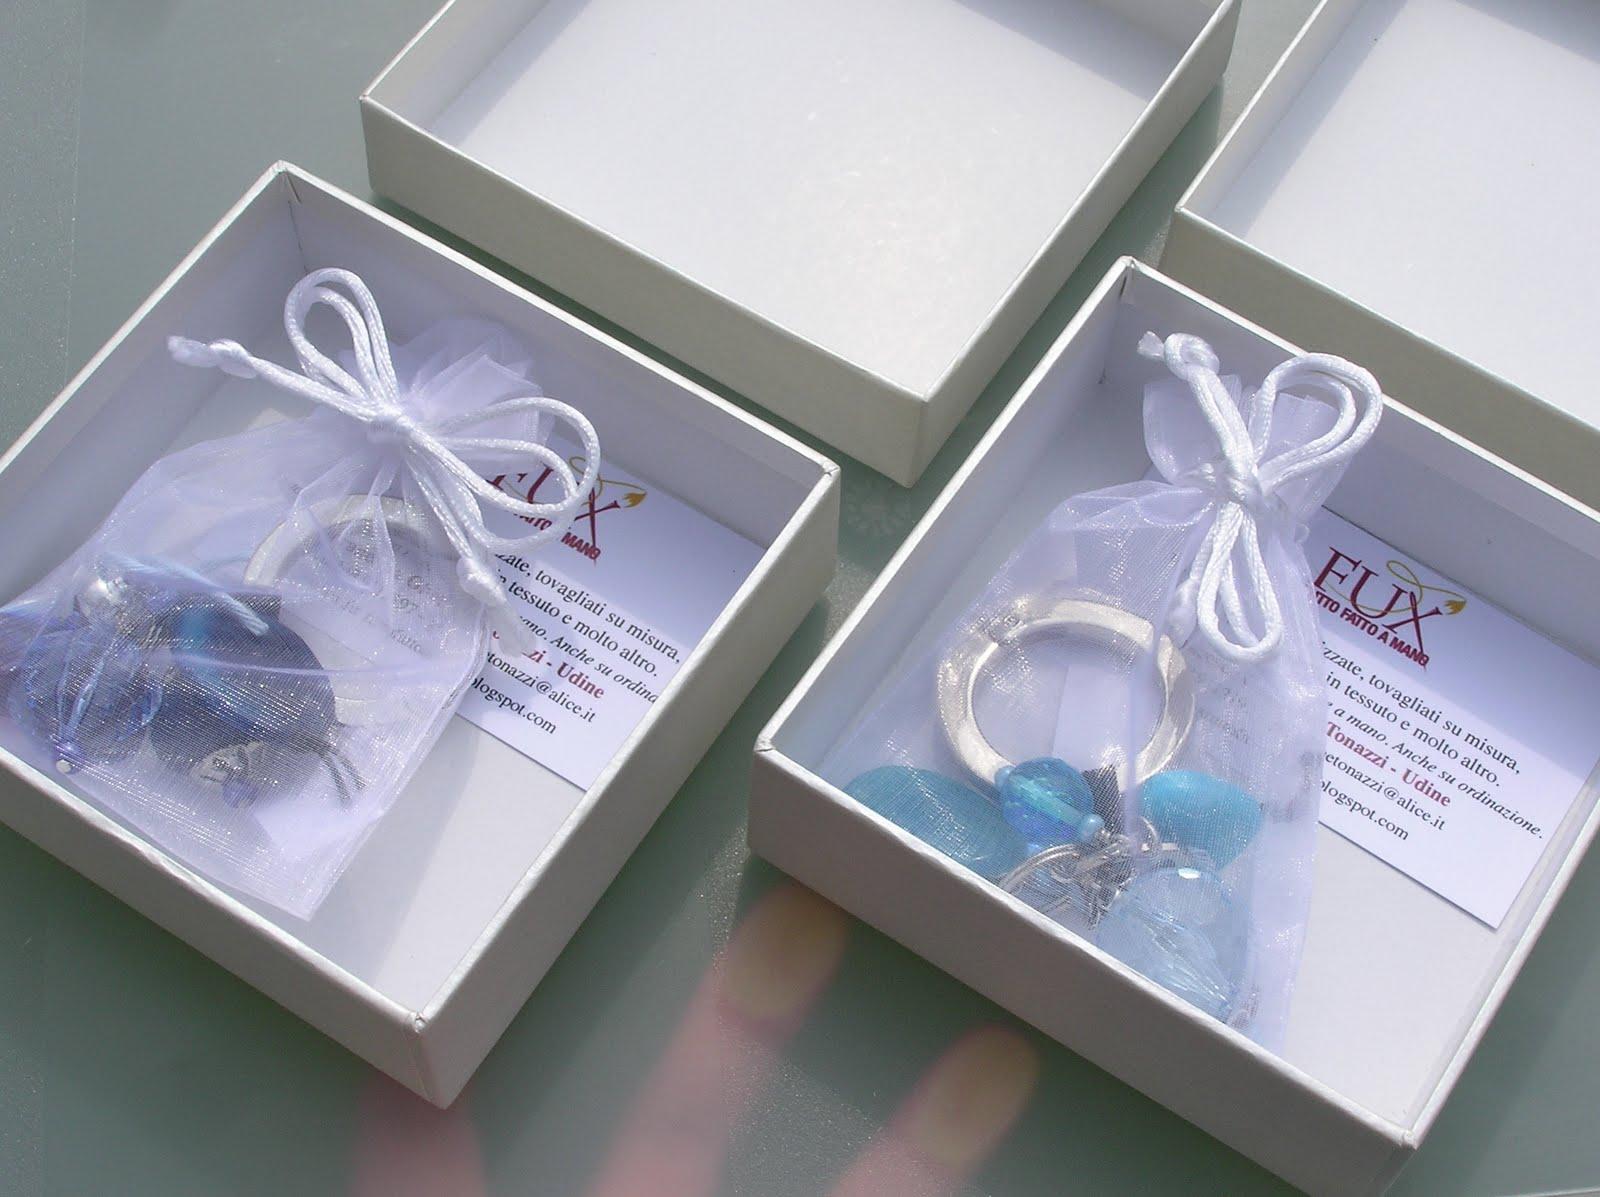 Regali testimoni free regalo testimoni prezoso with regali testimoni top regali testimoni - Idee regalo matrimonio testimoni ...